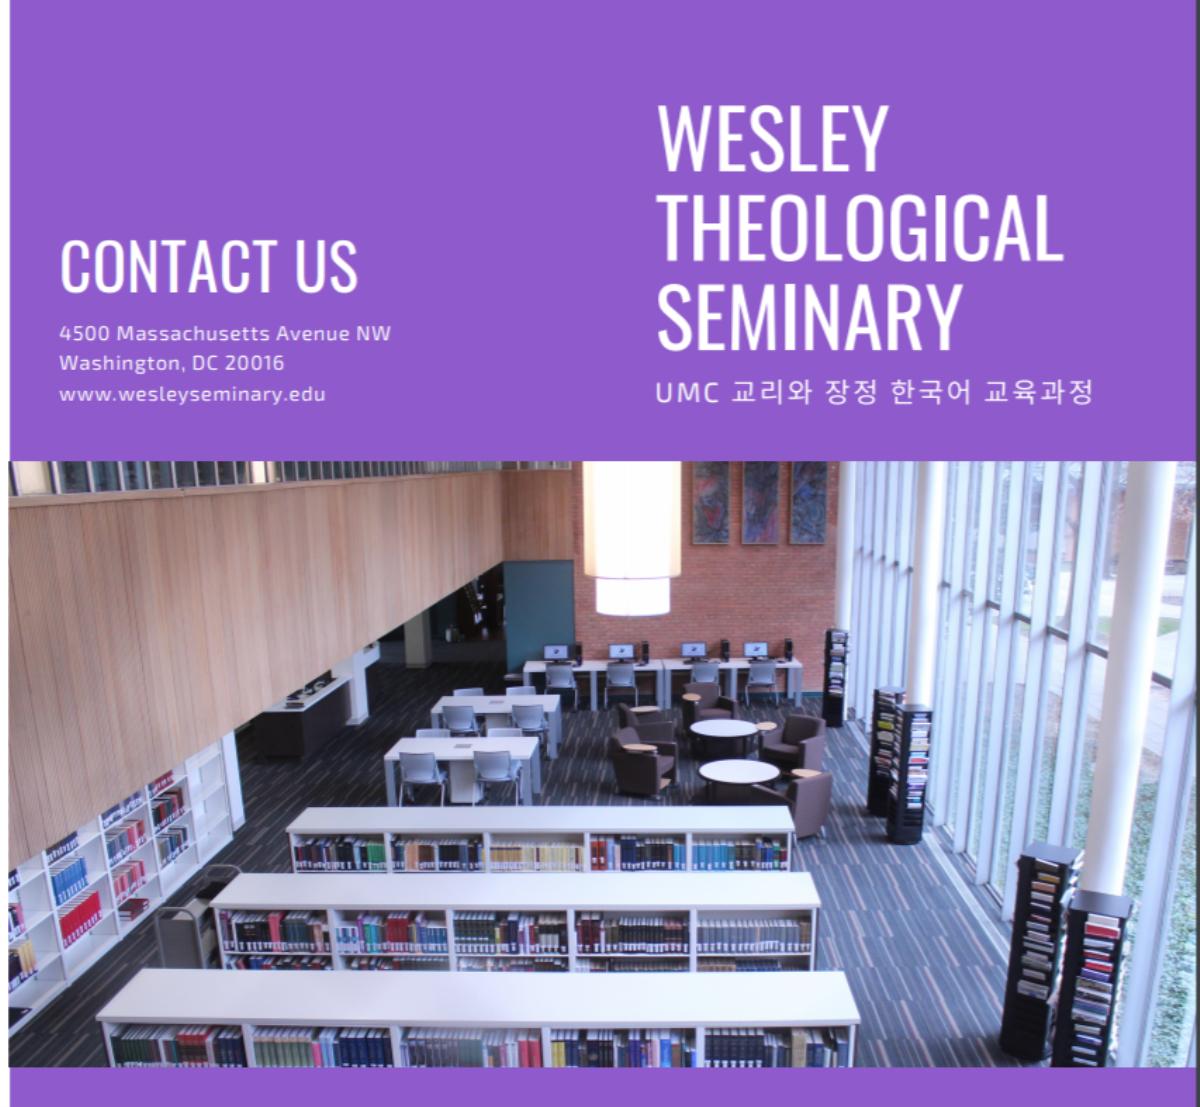 연합감리교회에서의 목사 안수와 타교단에서 연합감리교회로 허입하는데 요구되는 필수 이수과목 과정을 진행하는 웨슬리 신학대학원의 프로그램 플라이어.